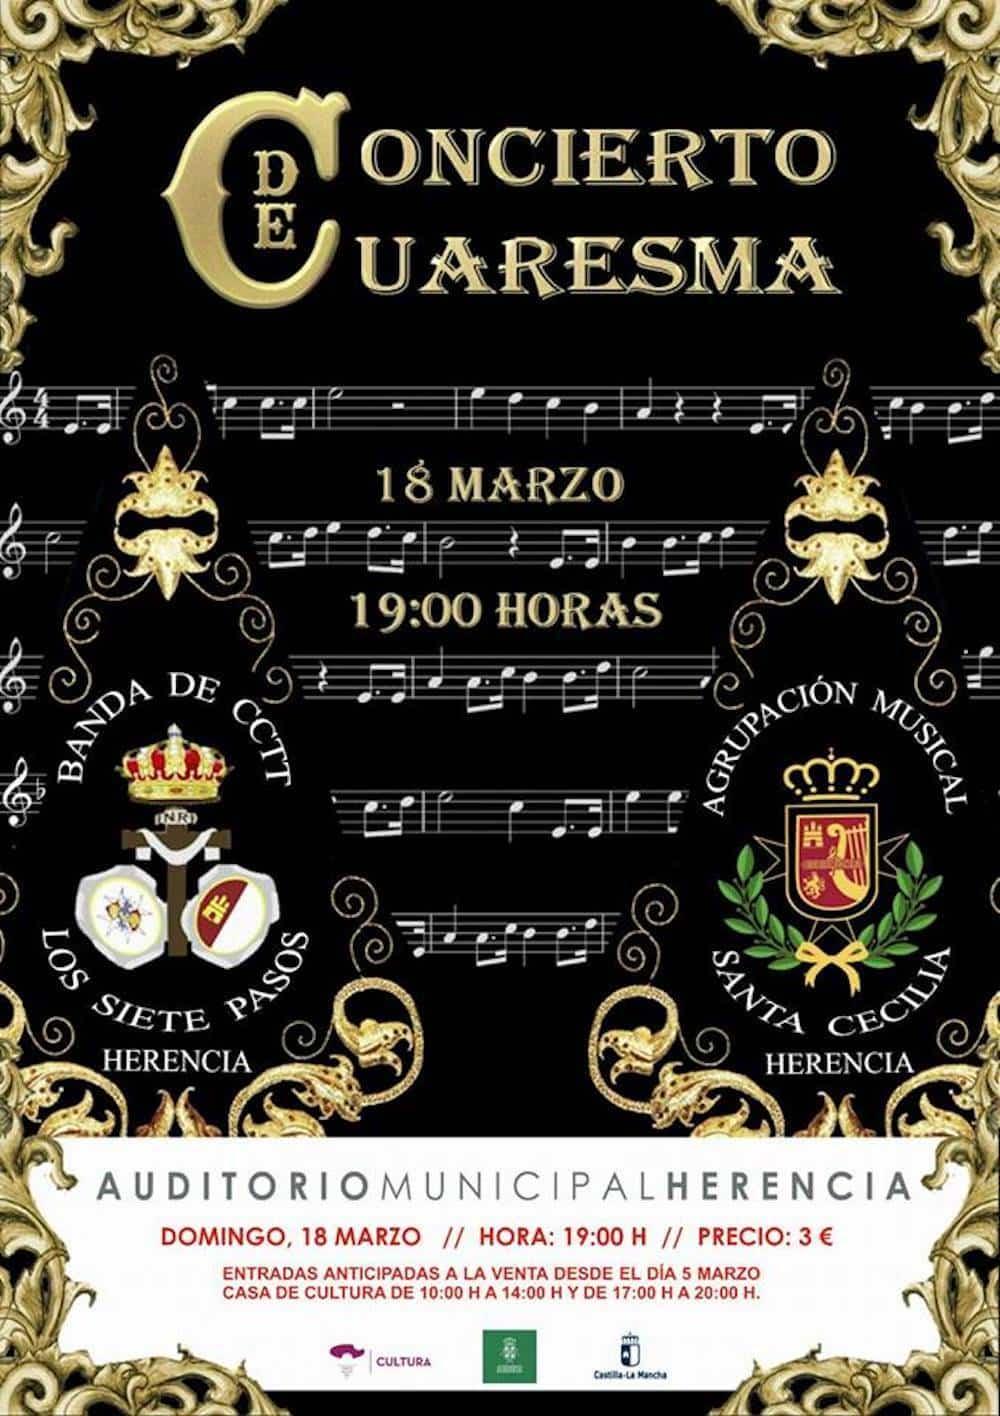 Concierto de Cuaresma el próximo domingo 18 de marzo 3